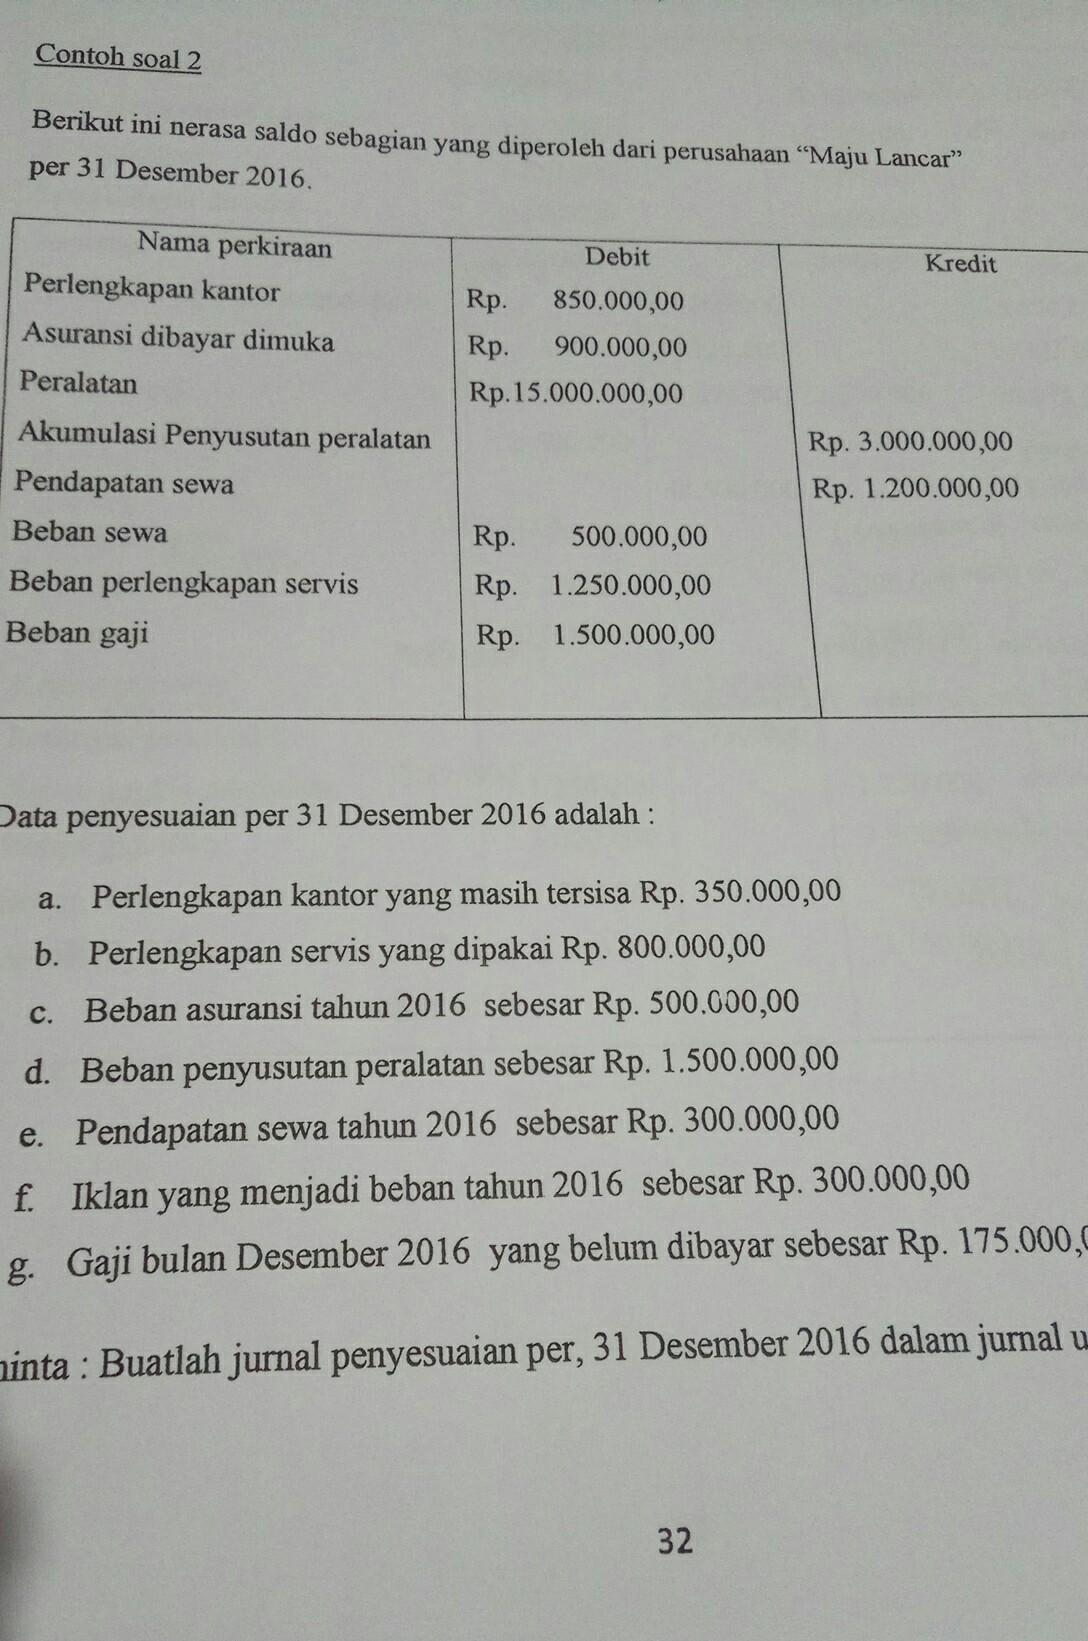 Buatlah Jurnal Penyesuaian Per 31 Desember 2016 Dalam Jurnal Umum